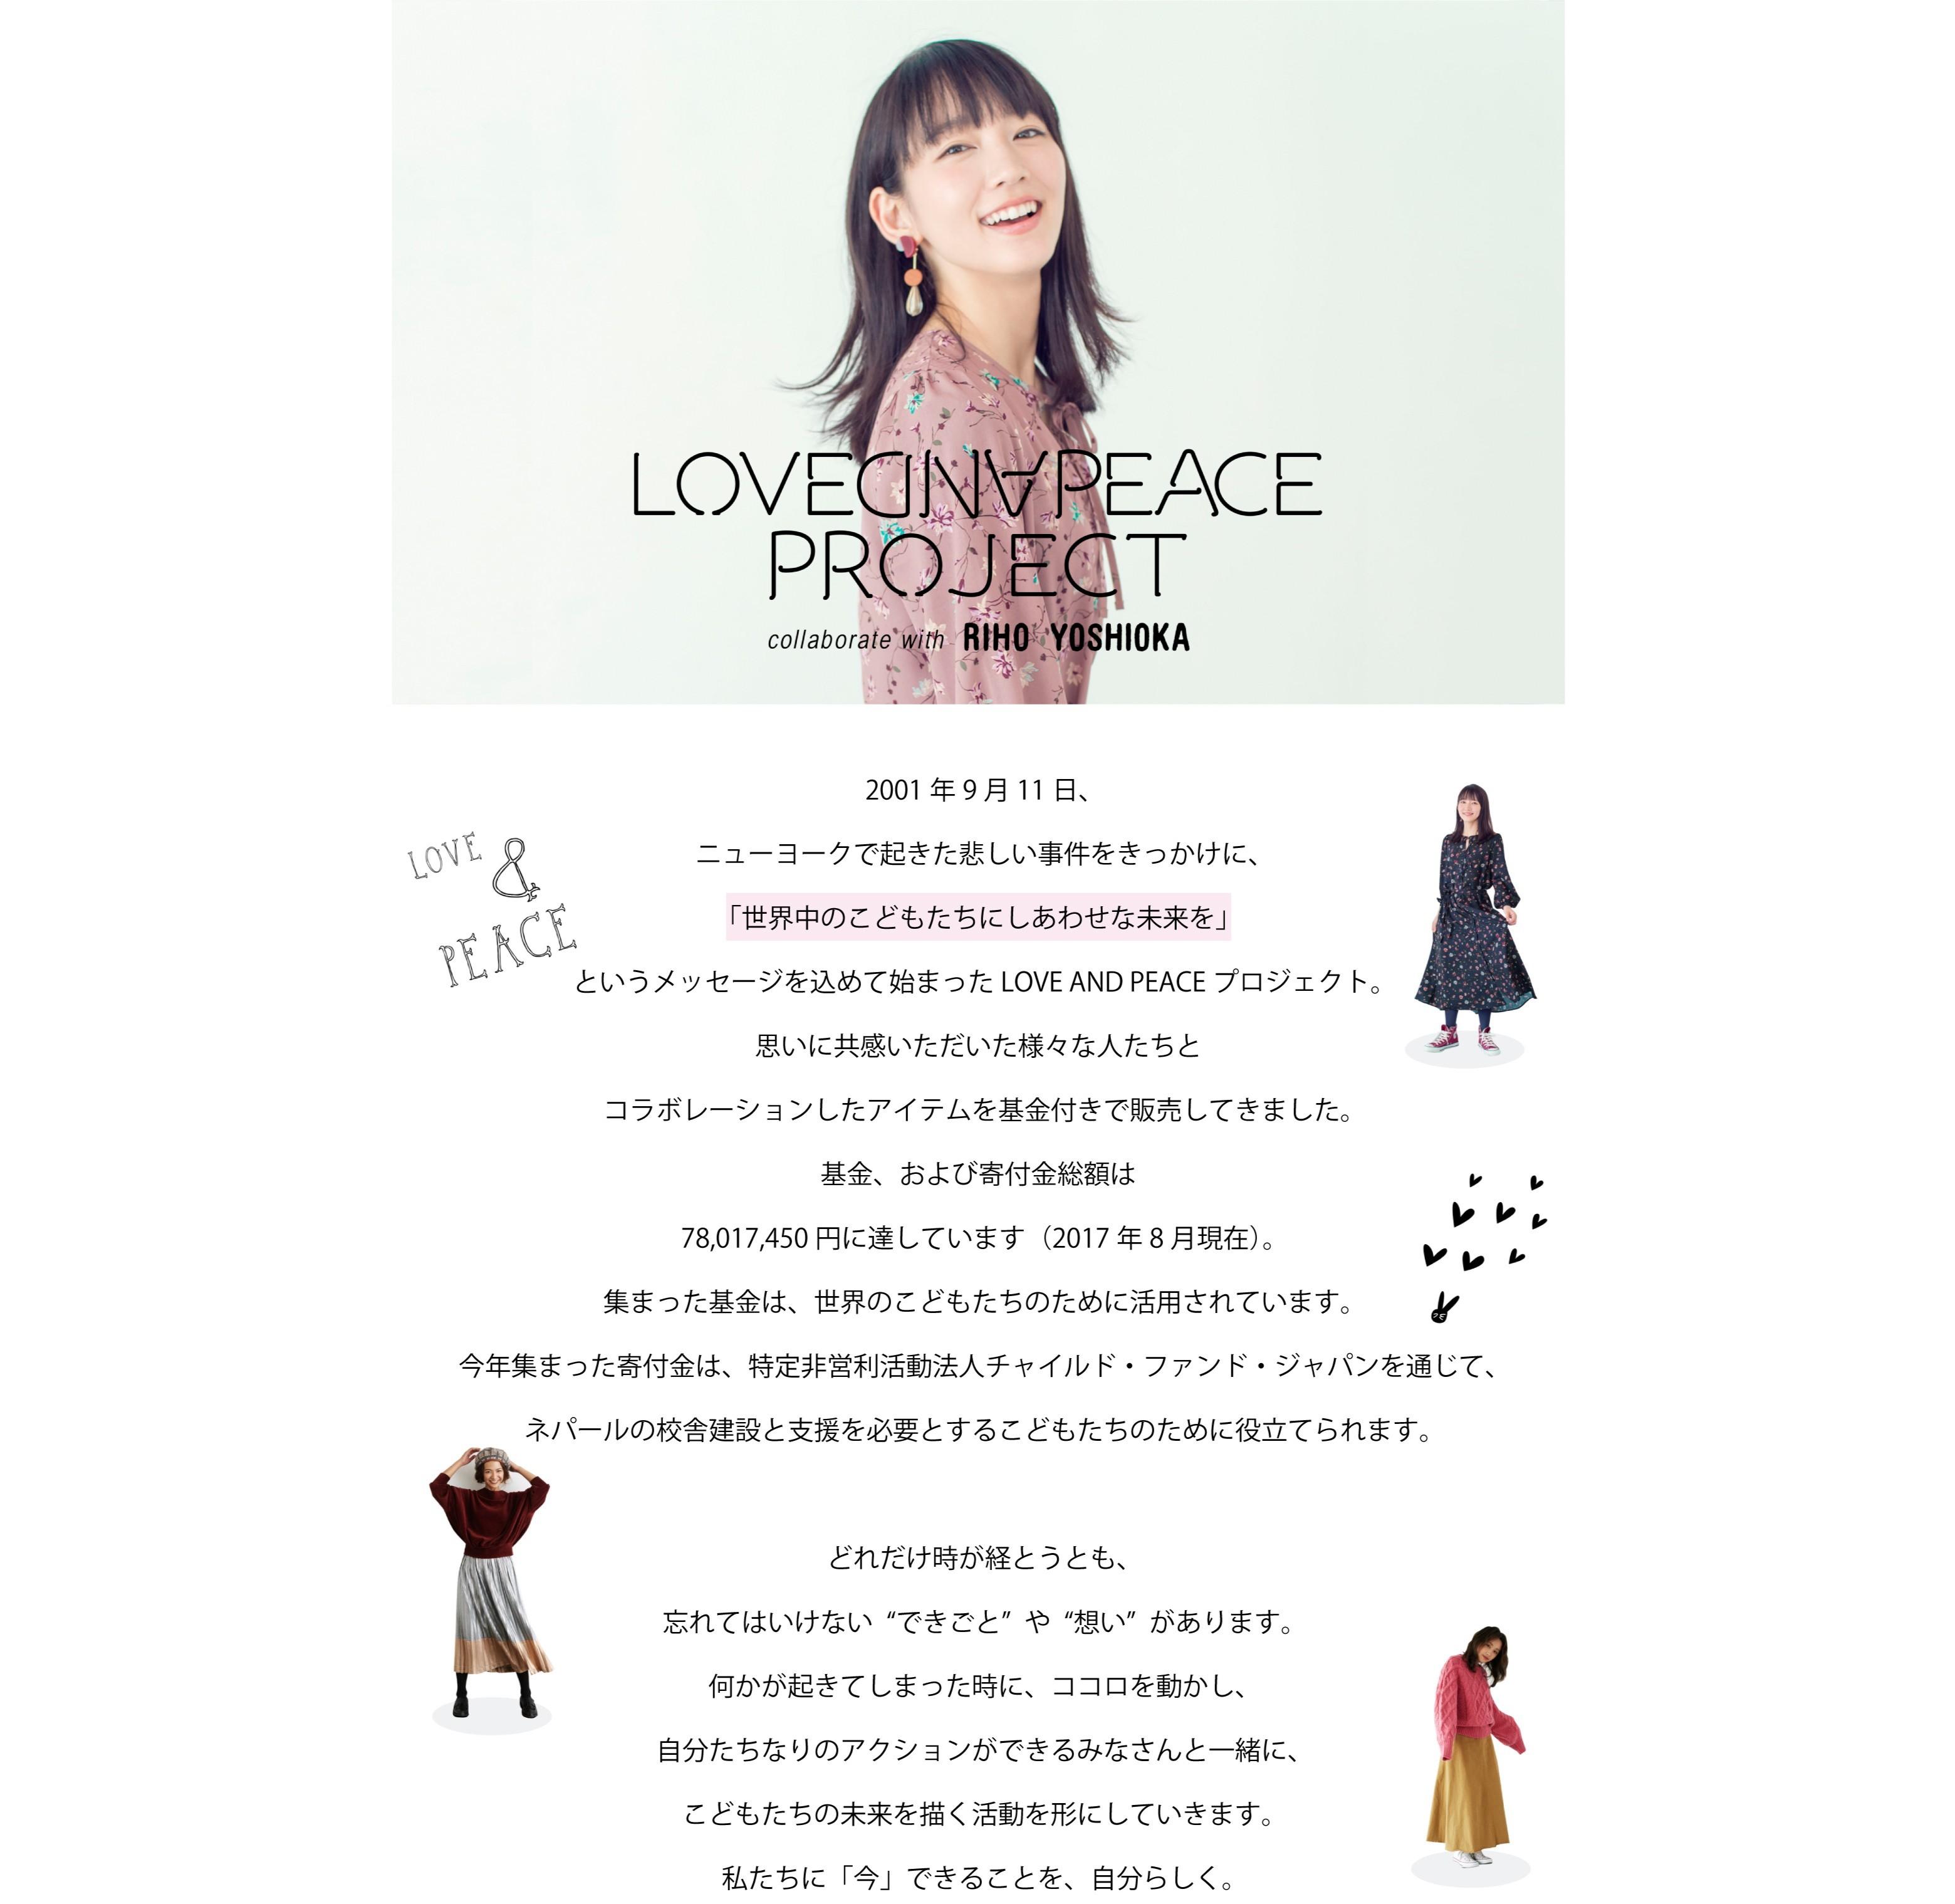 LOVE&PEACE PROJECT 吉岡里帆さんコラボアイテム